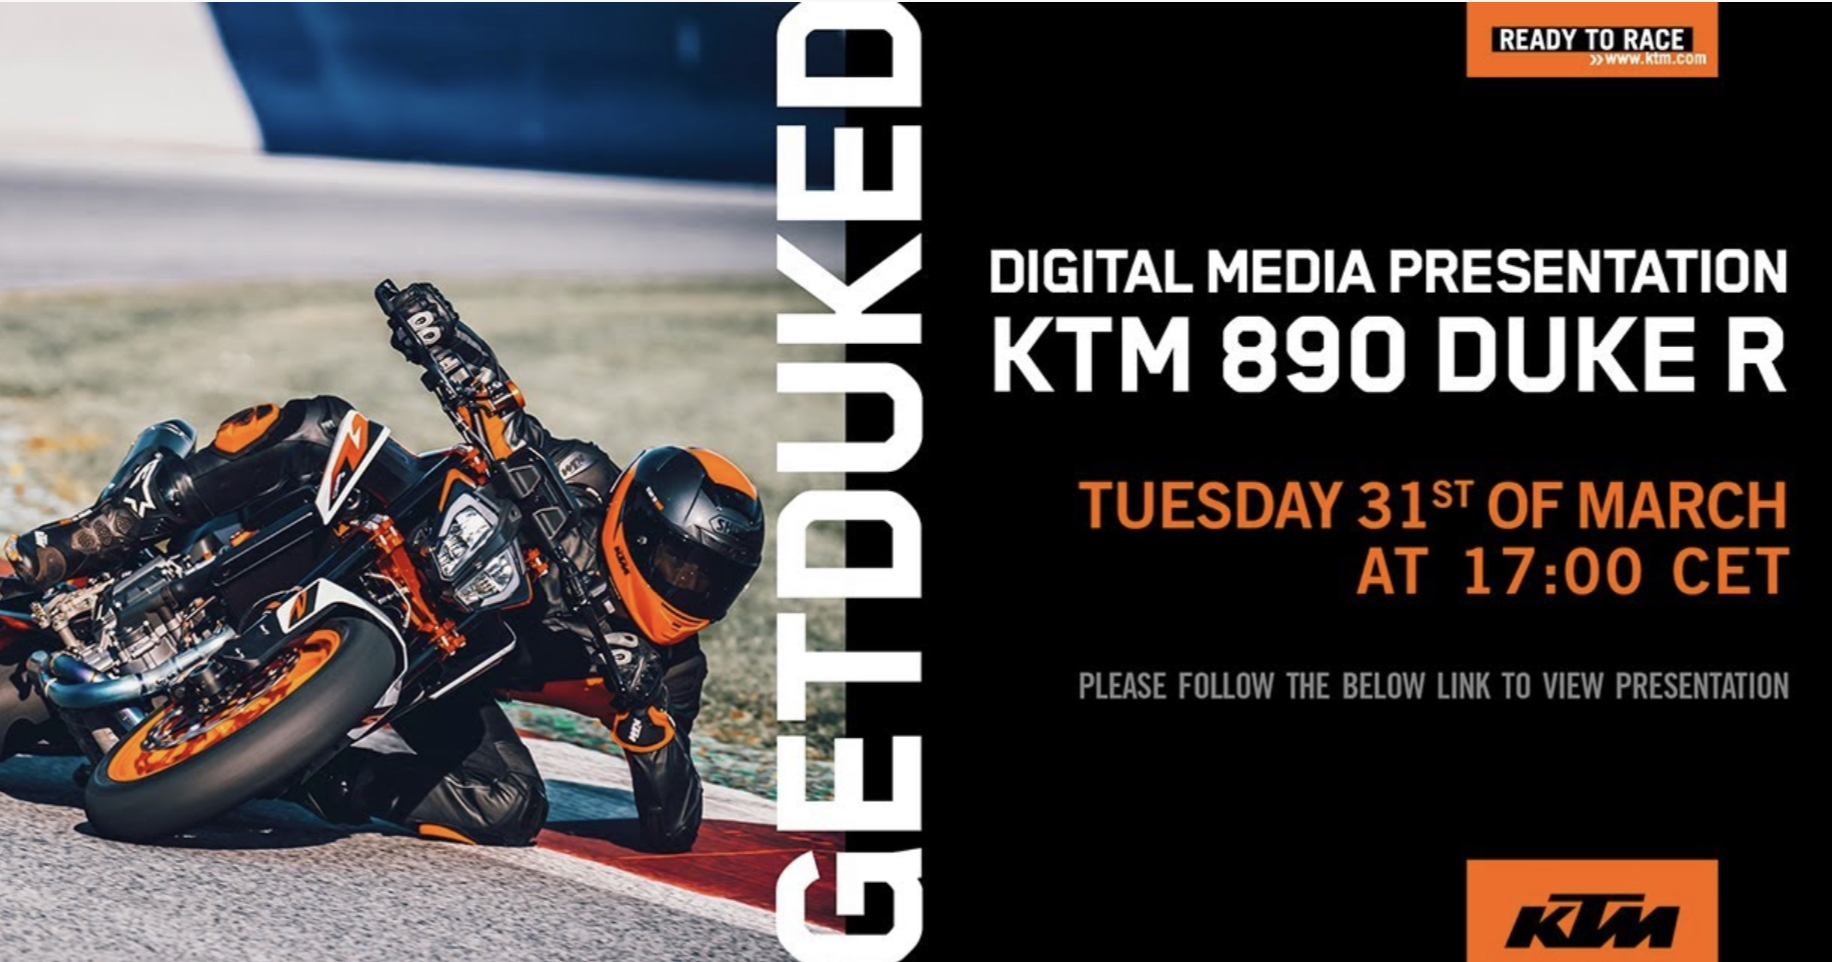 En directo [17:00]: Sigue la presentación de la KTM 890 Duke R 2020